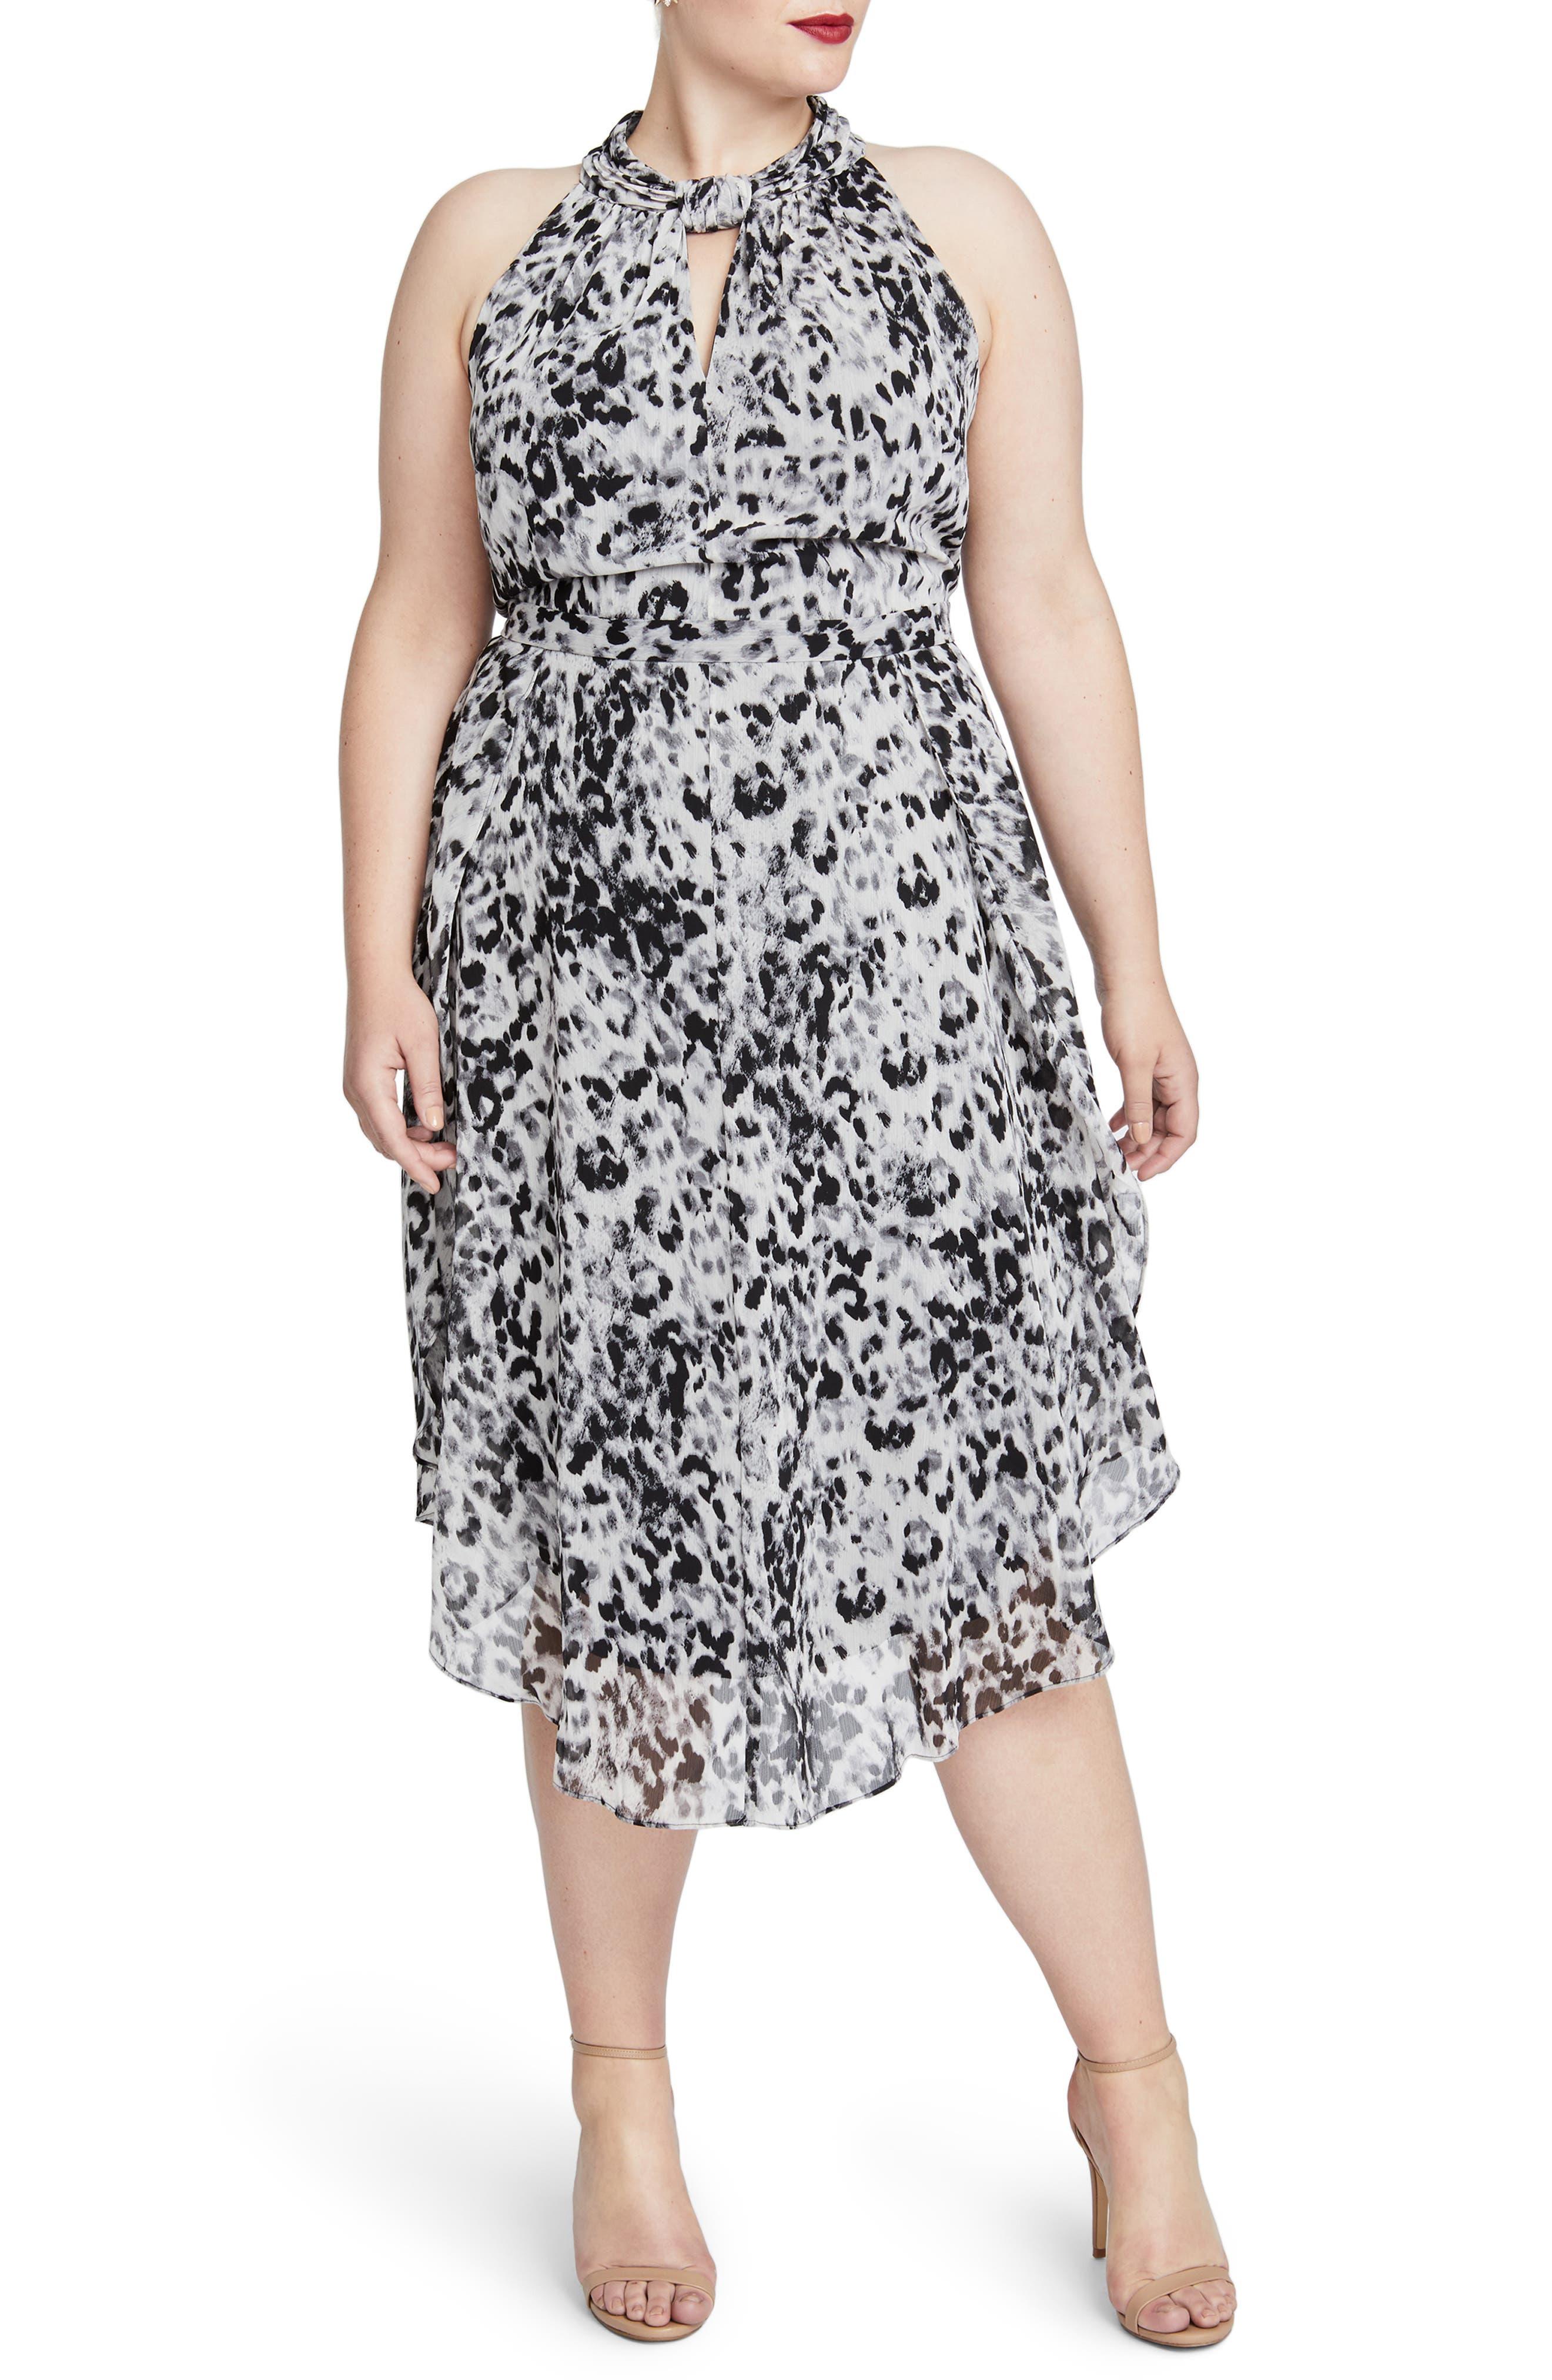 Plus Size Rachel Rachel Roy Chiffon Midi Dress, White